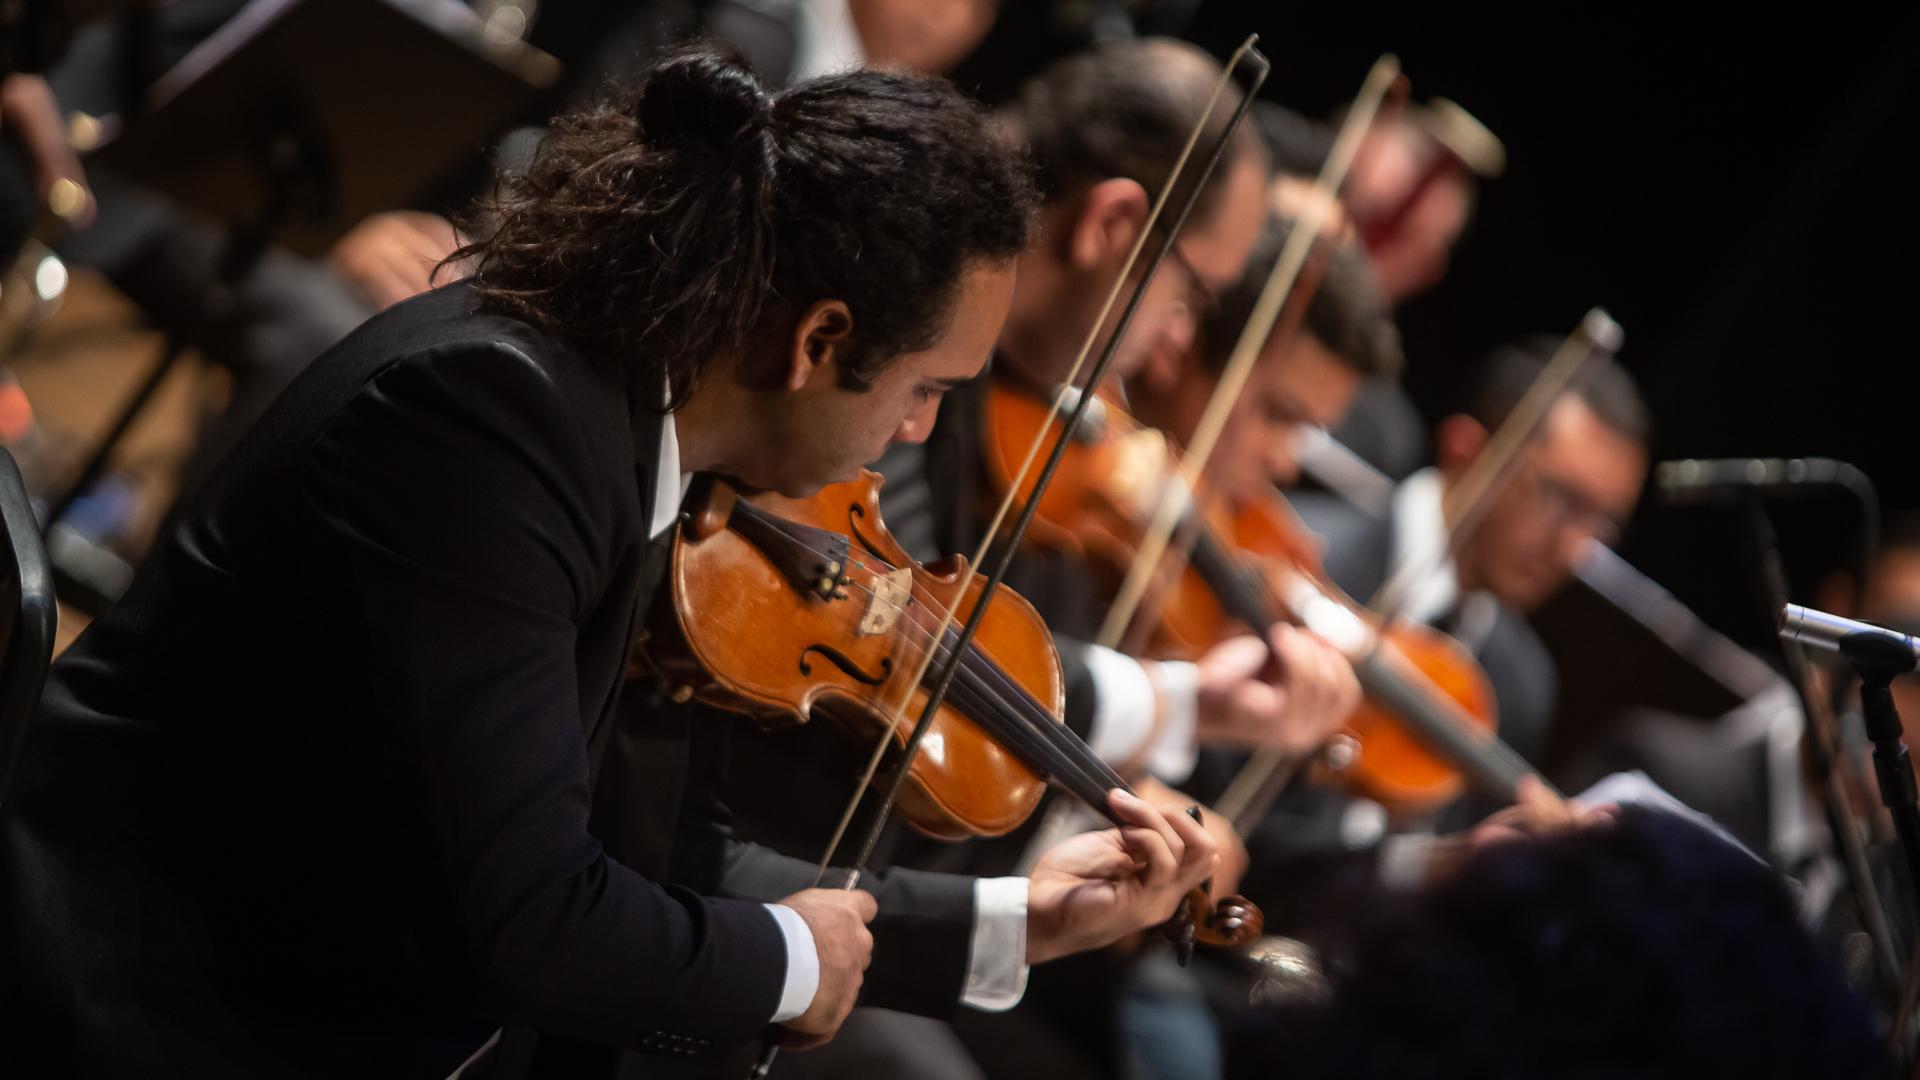 Concerto da Orquestra Contemporânea Brasileira para Crianças